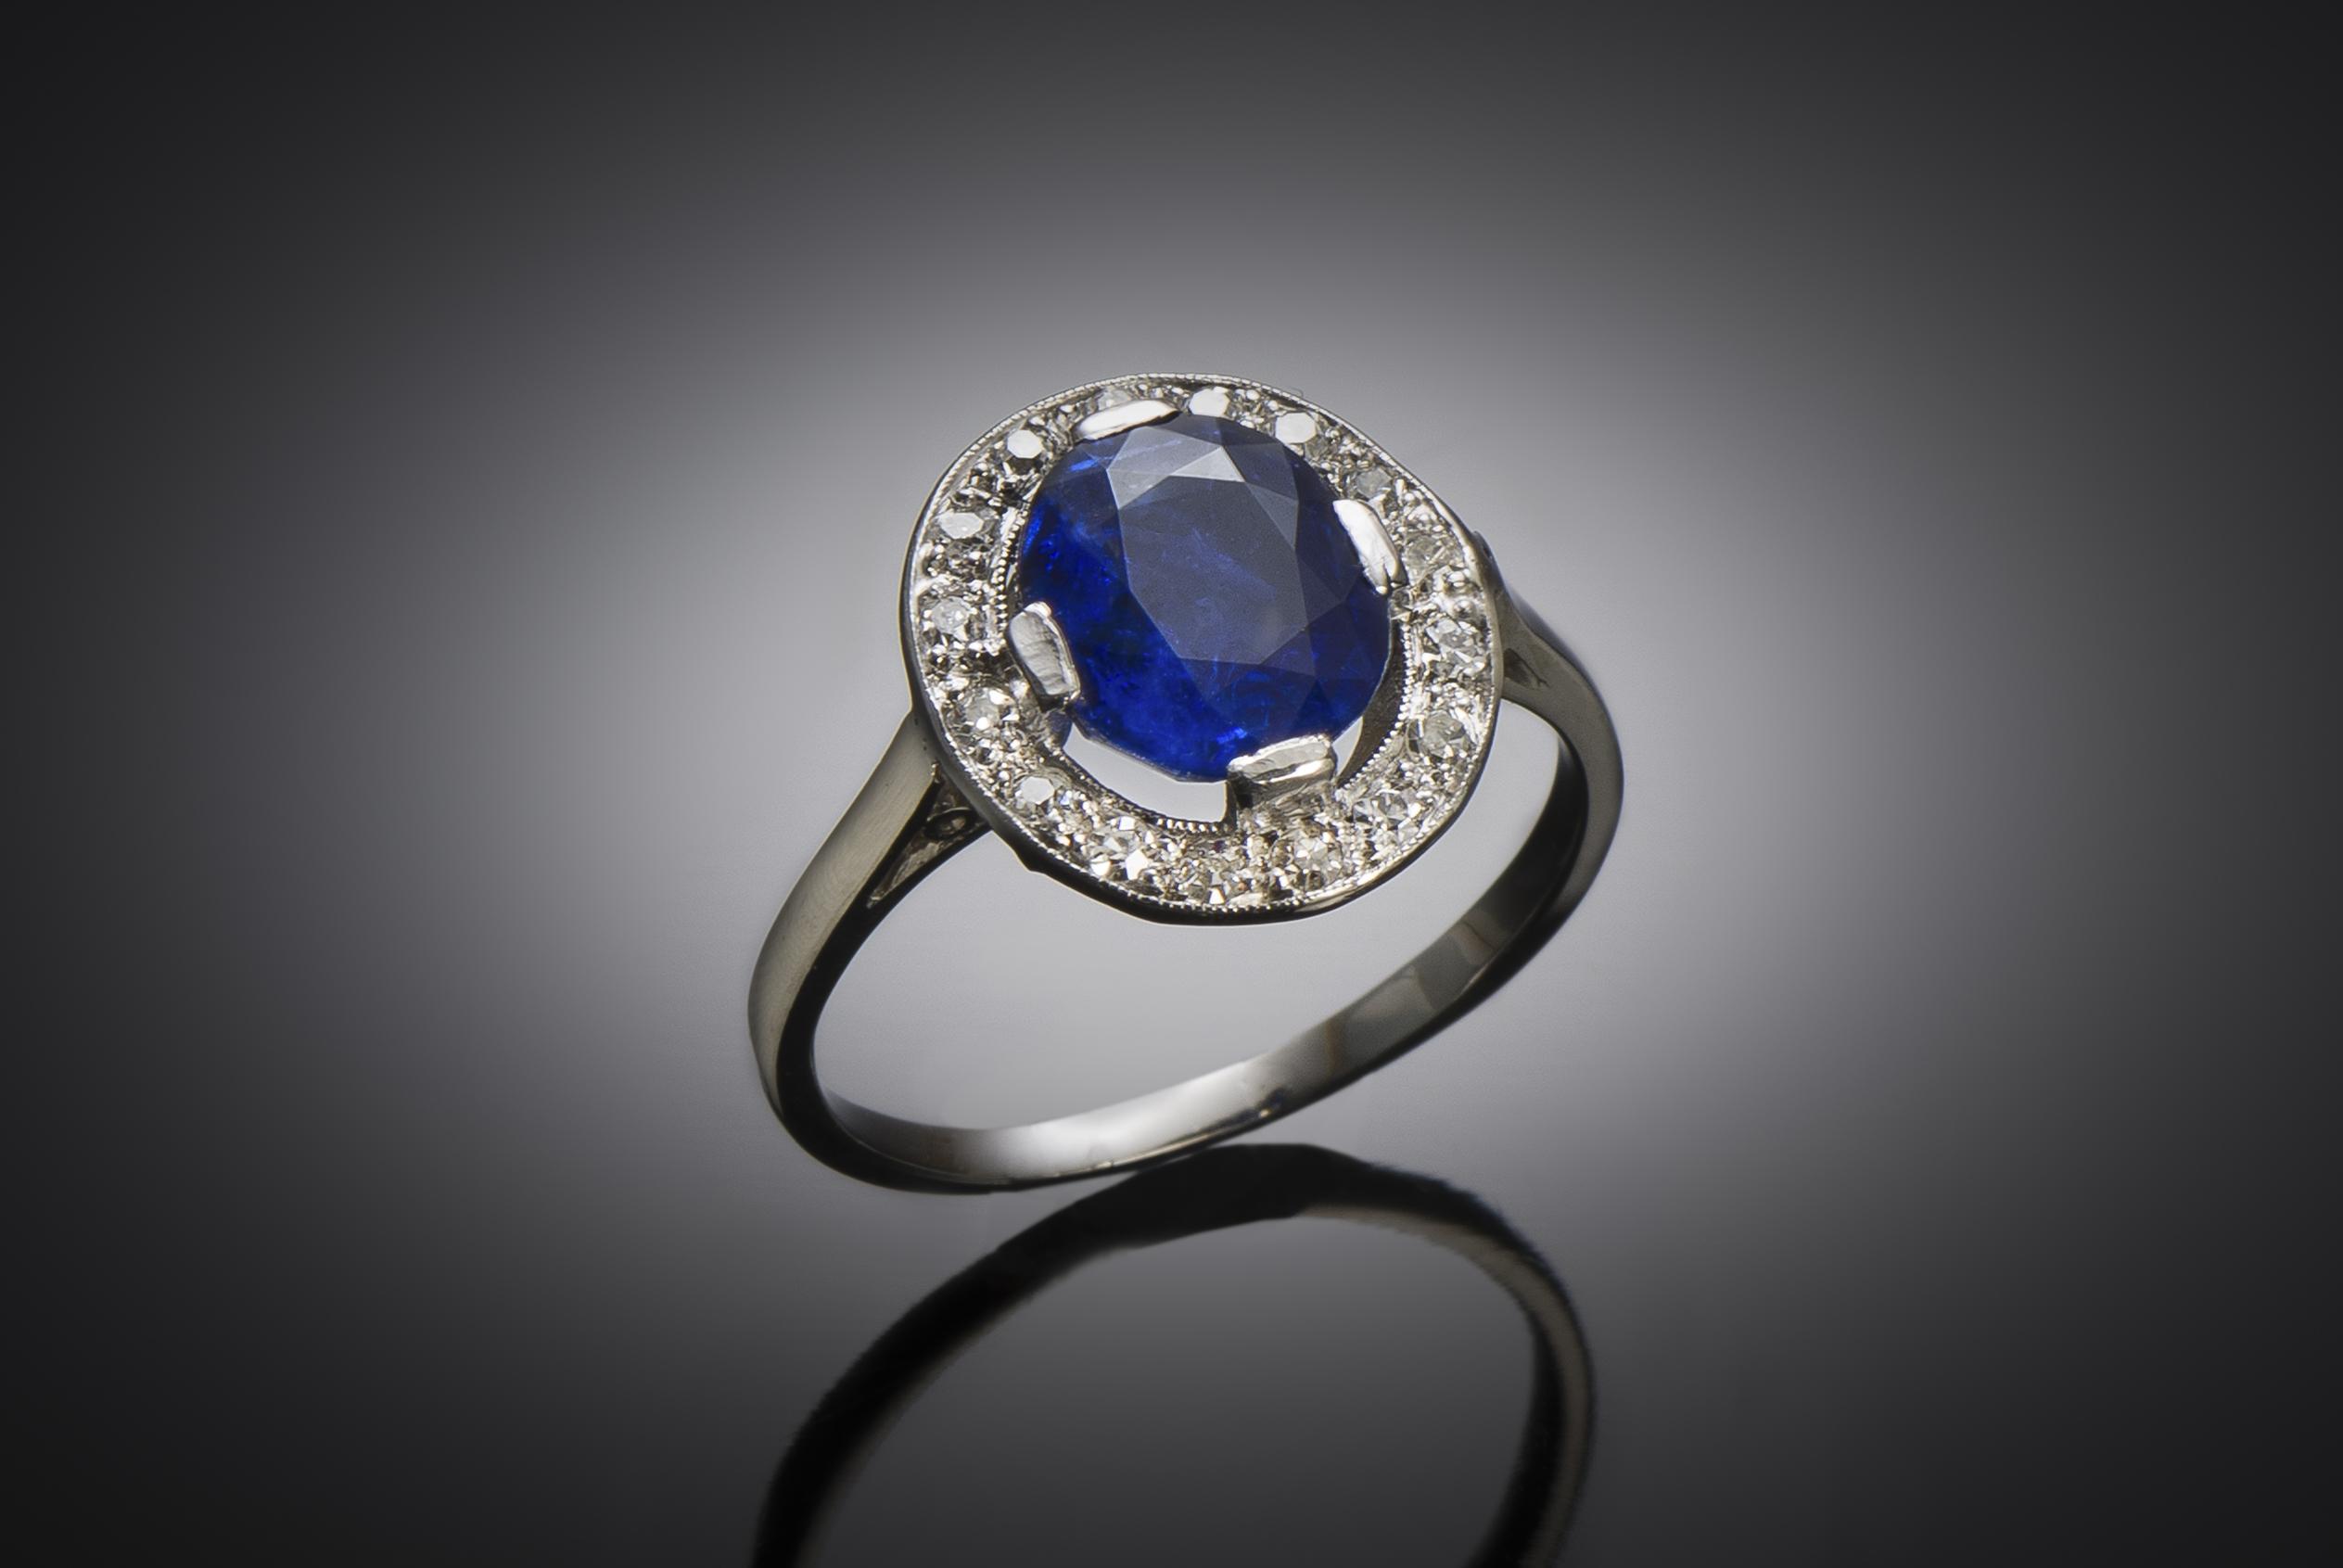 Bague Art Déco saphir naturel, non chauffé (certificat laboratoire) diamants-1